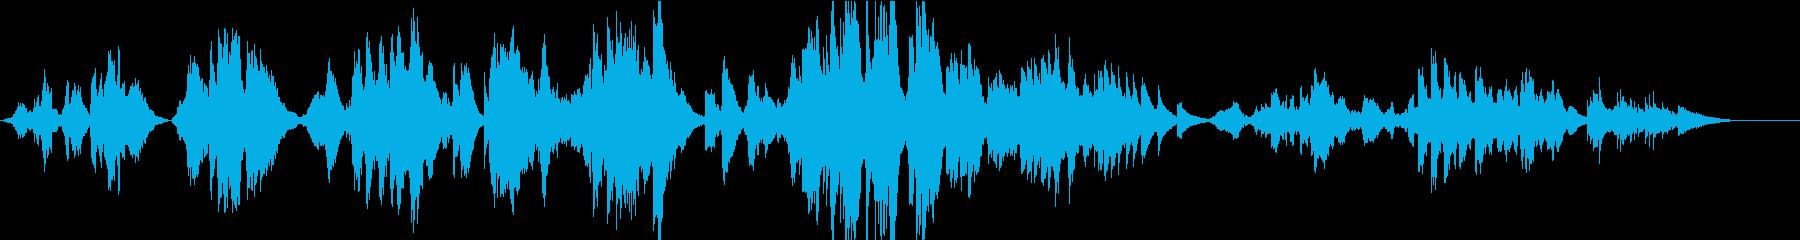 【生演奏】亜麻色の髪の乙女(ハープ伴奏)の再生済みの波形